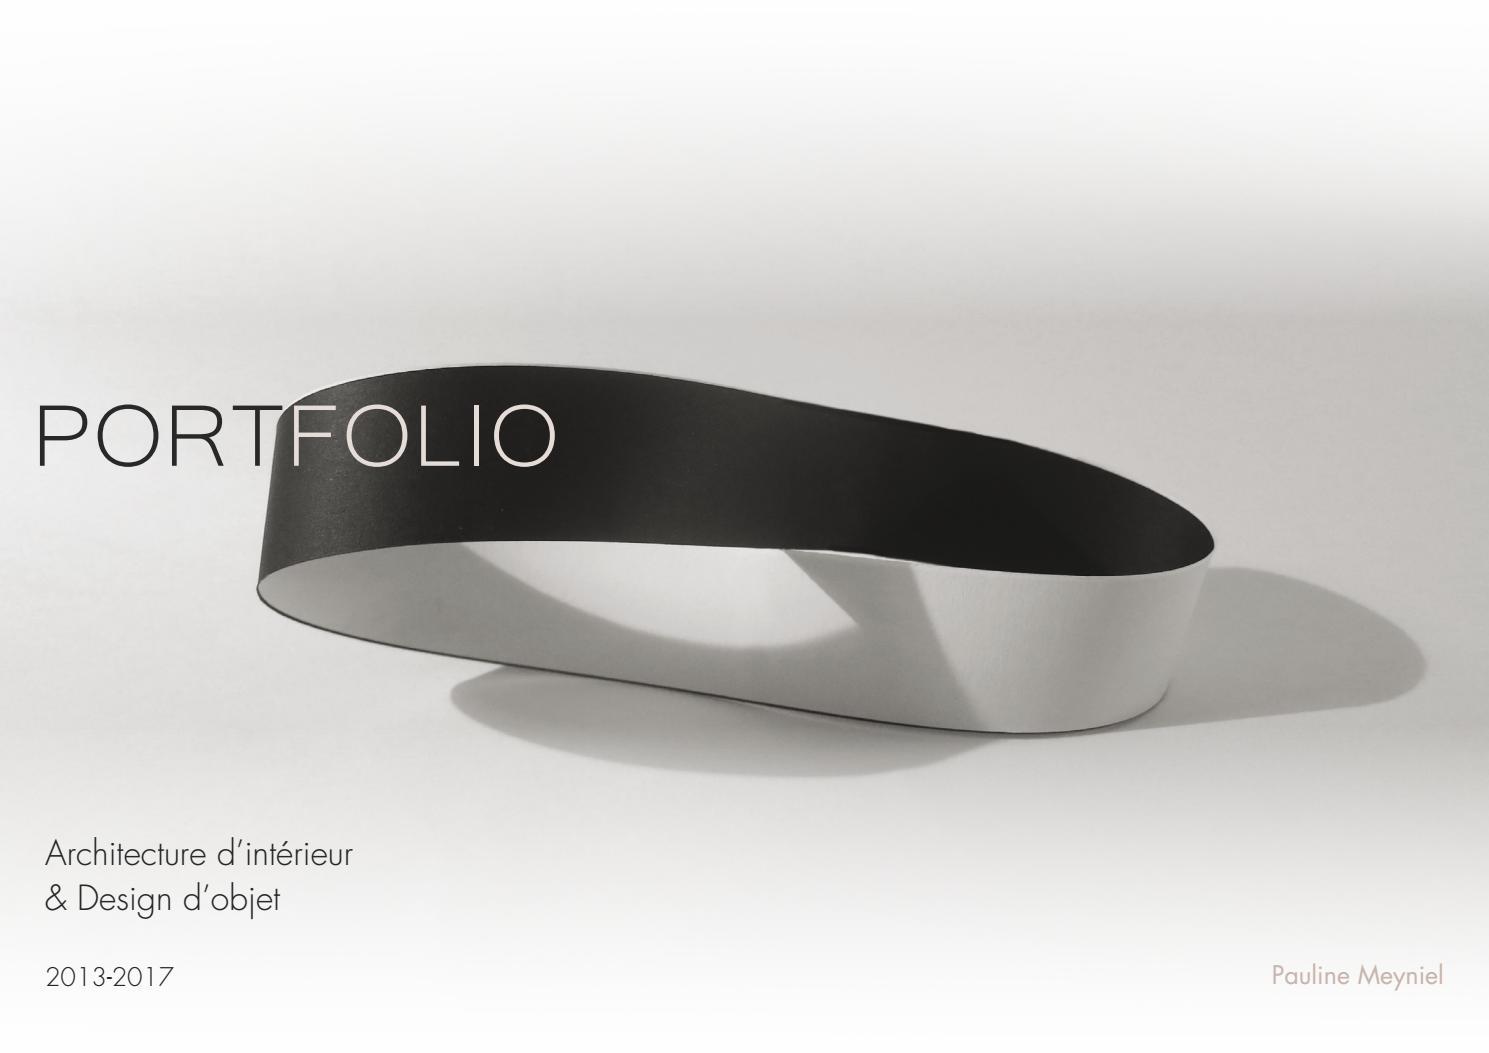 portfolio by pauline